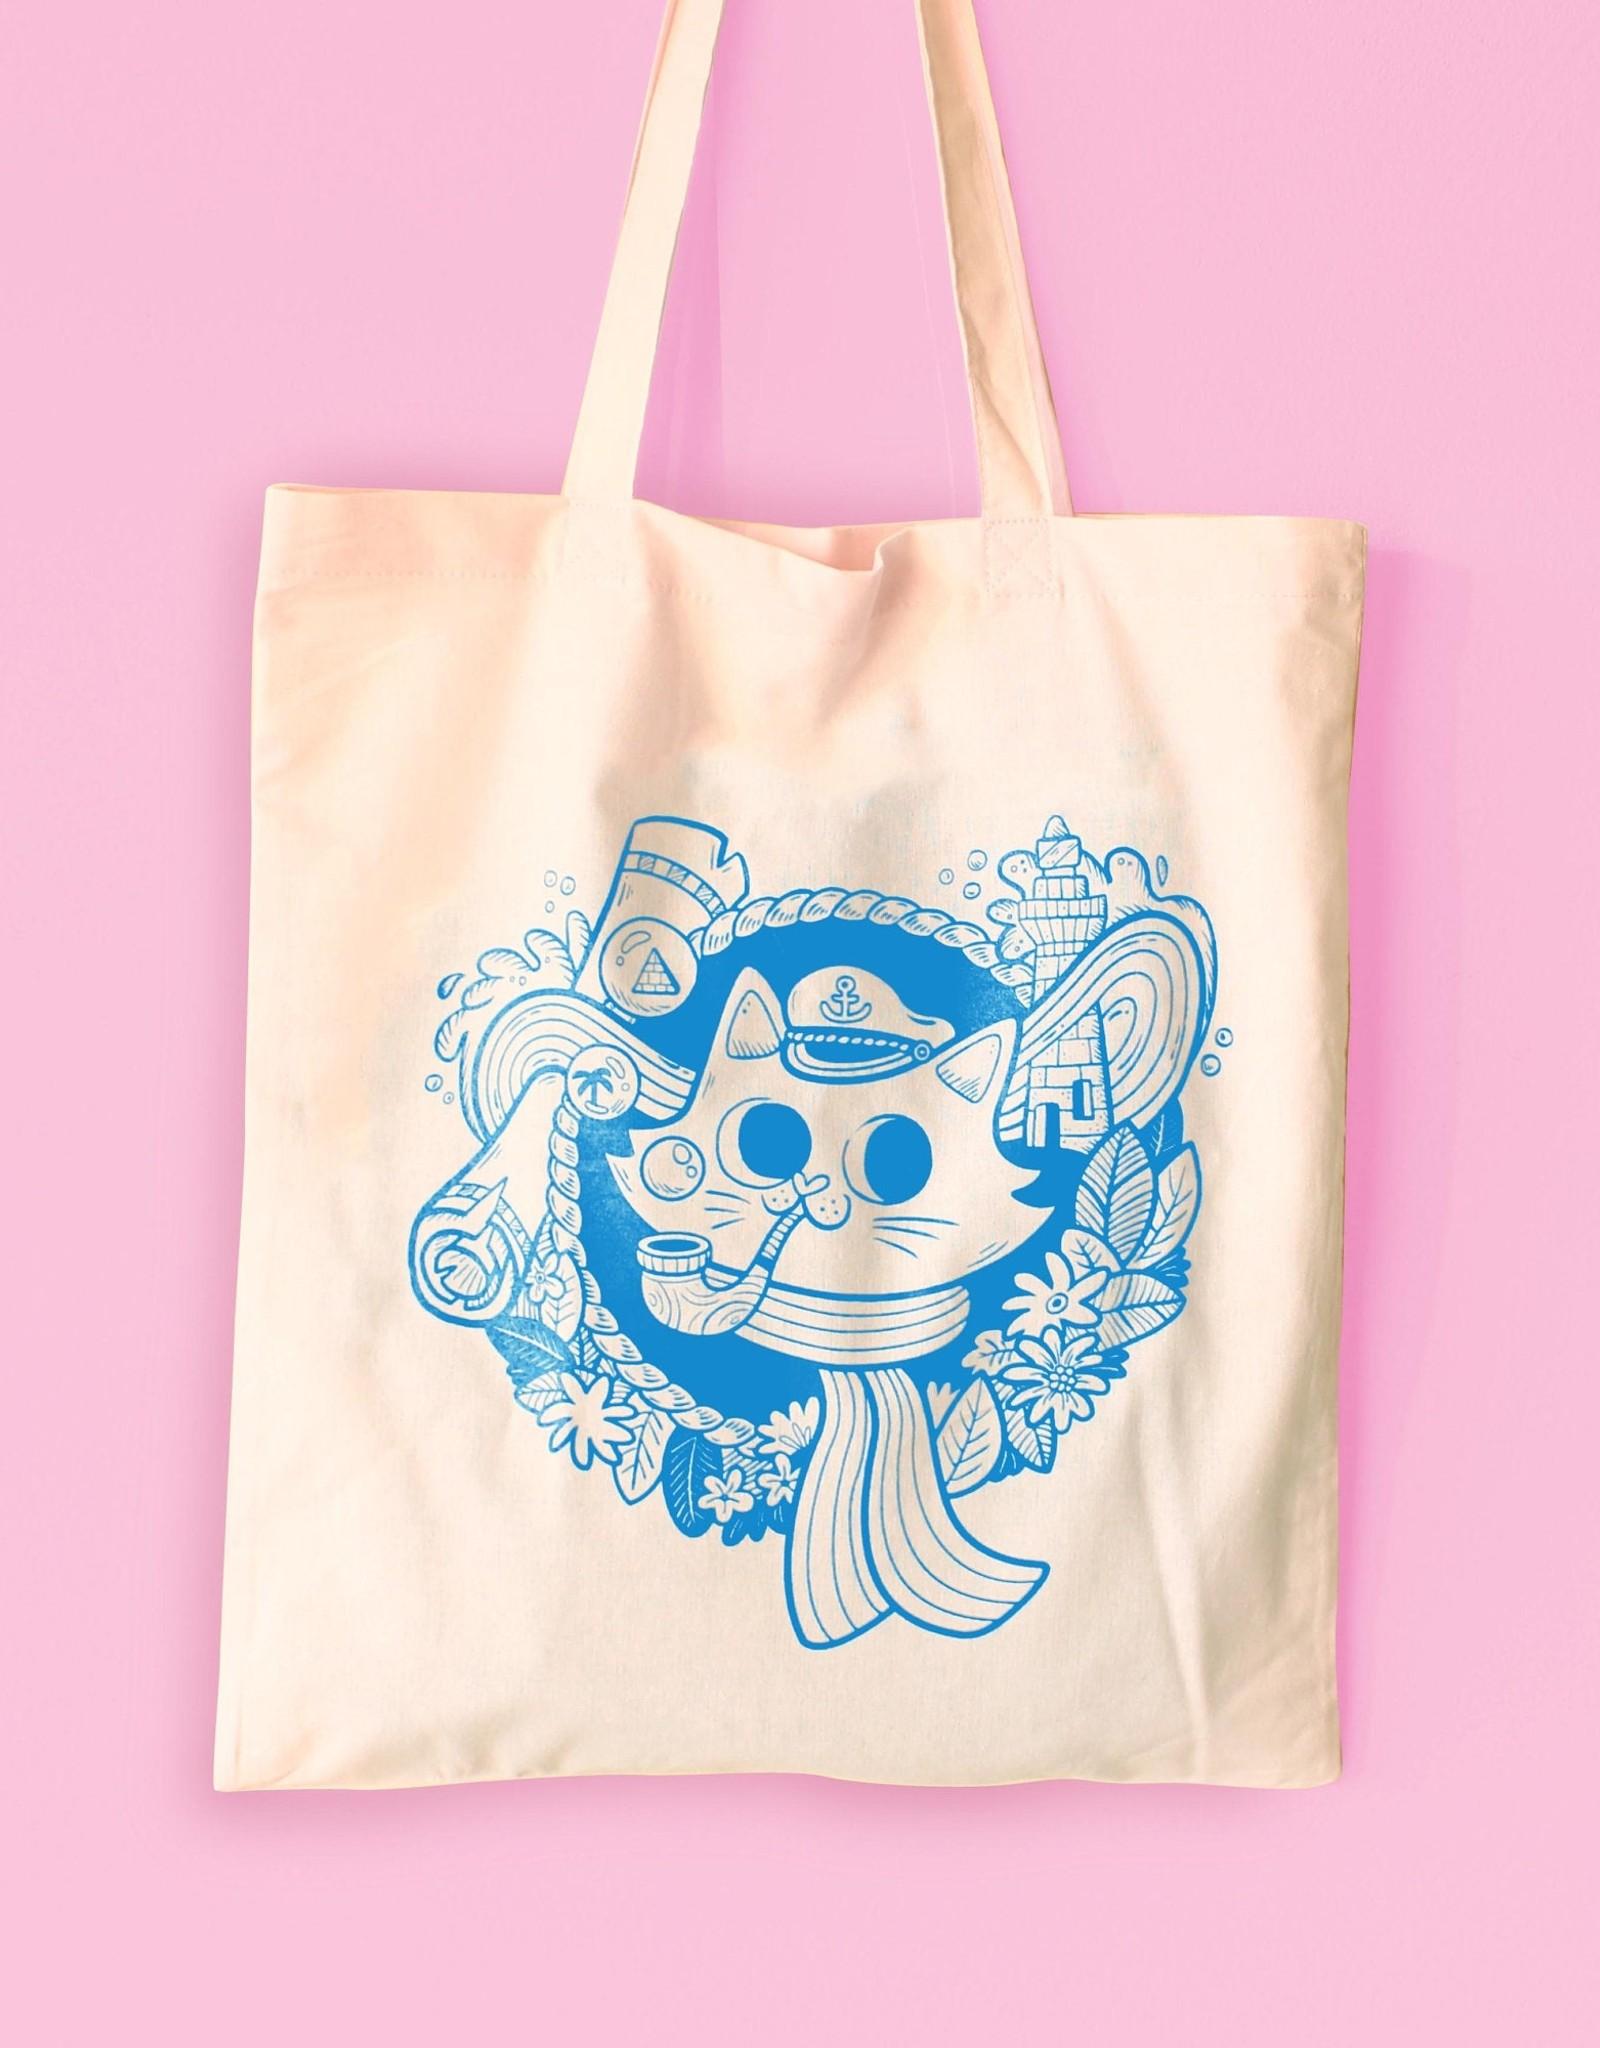 We Are Extinct We are extinct Sailor cat - tote bag regular